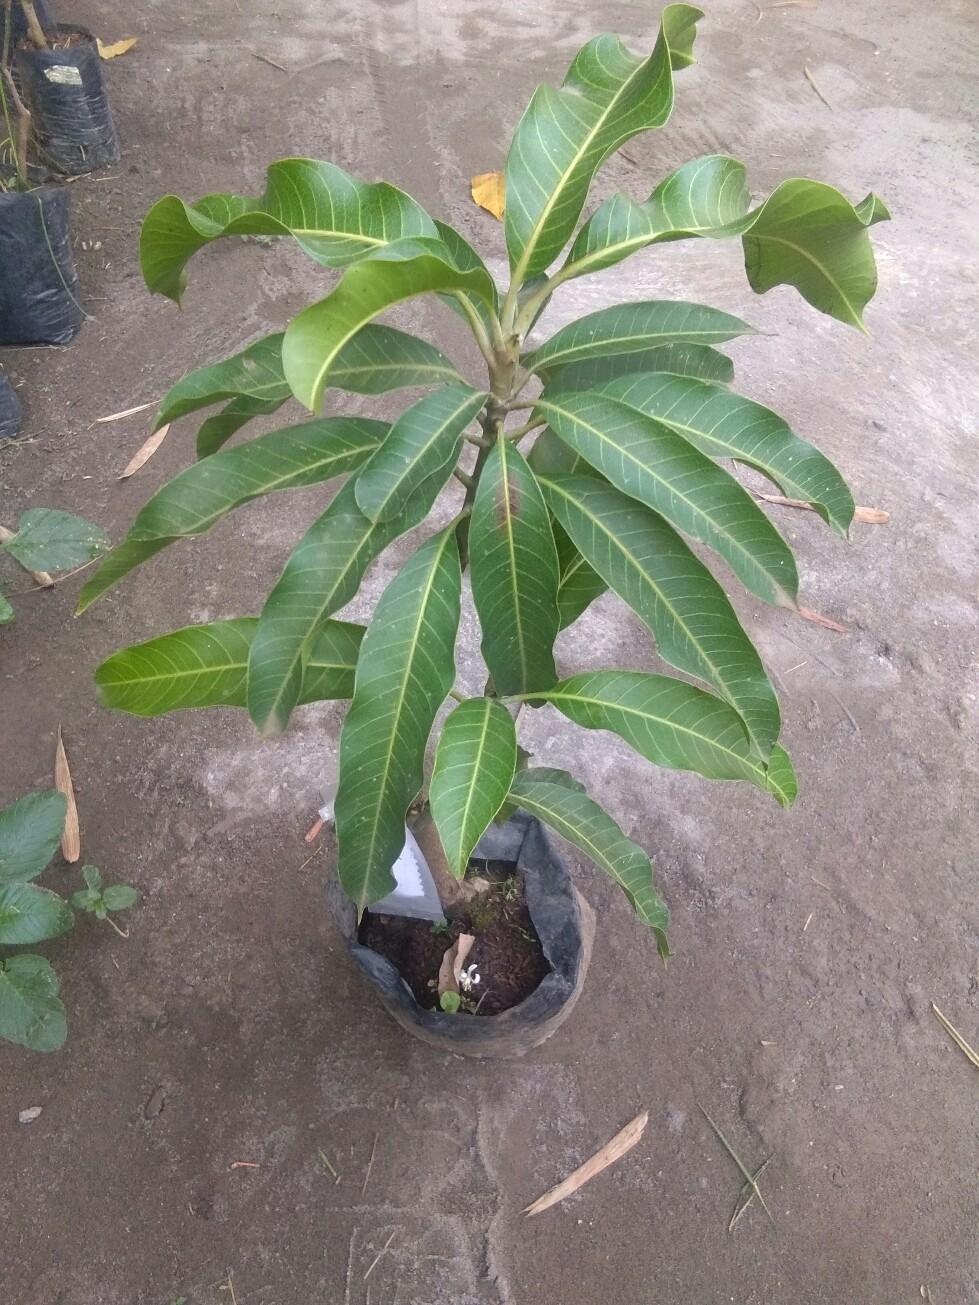 Tanaman buah mangga irwin tinggi tanaman skitar 60cm